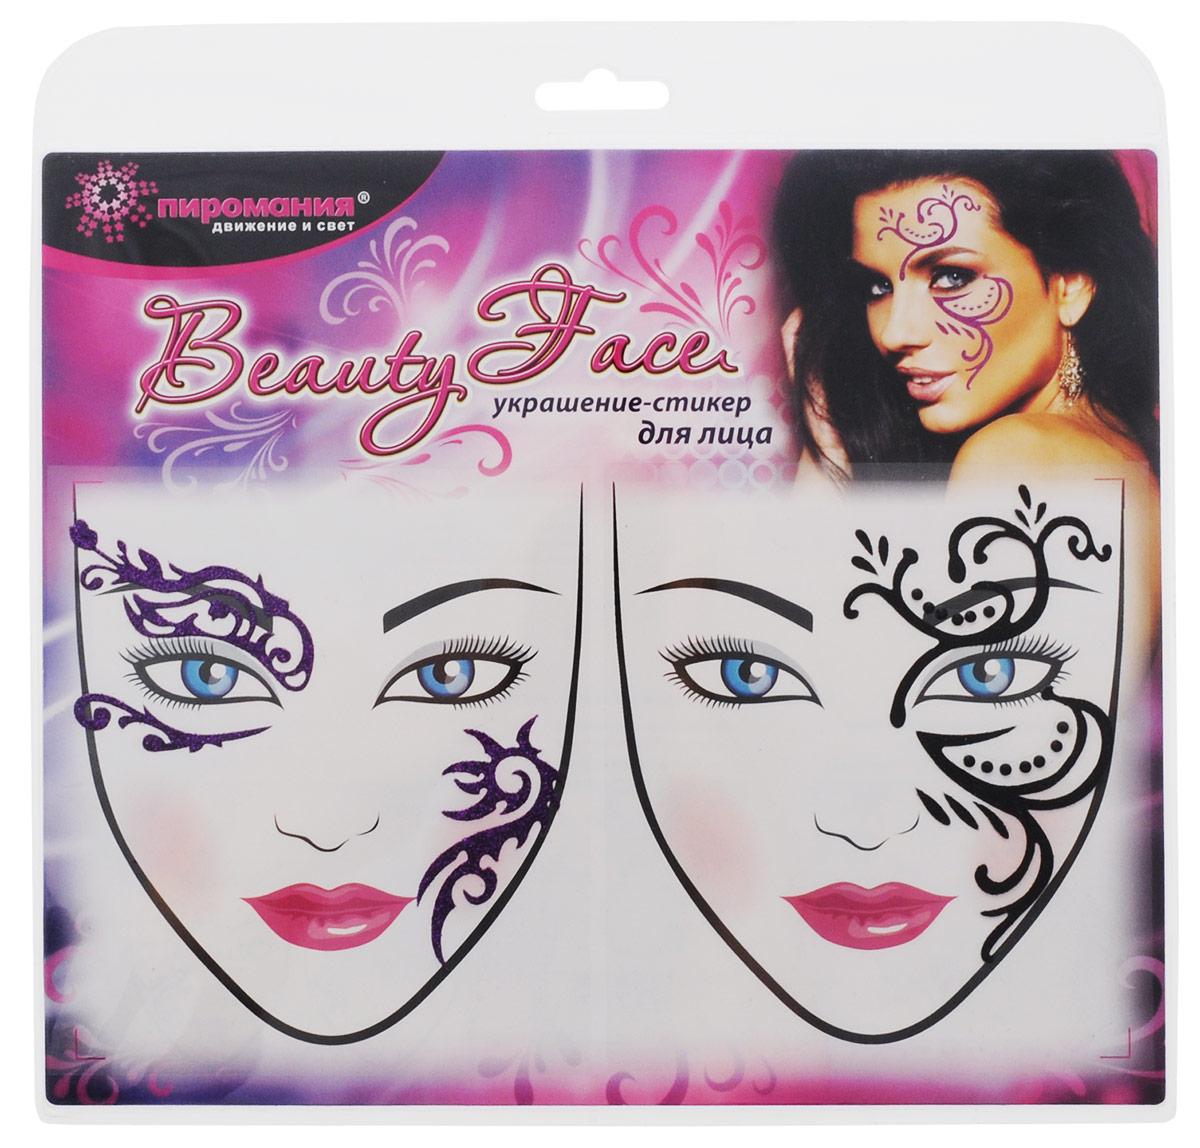 Partymania Украшение-стикер для лица Beauty Face цвет фиолетовый черный 2 шт -  Украшение волос, лица и тела